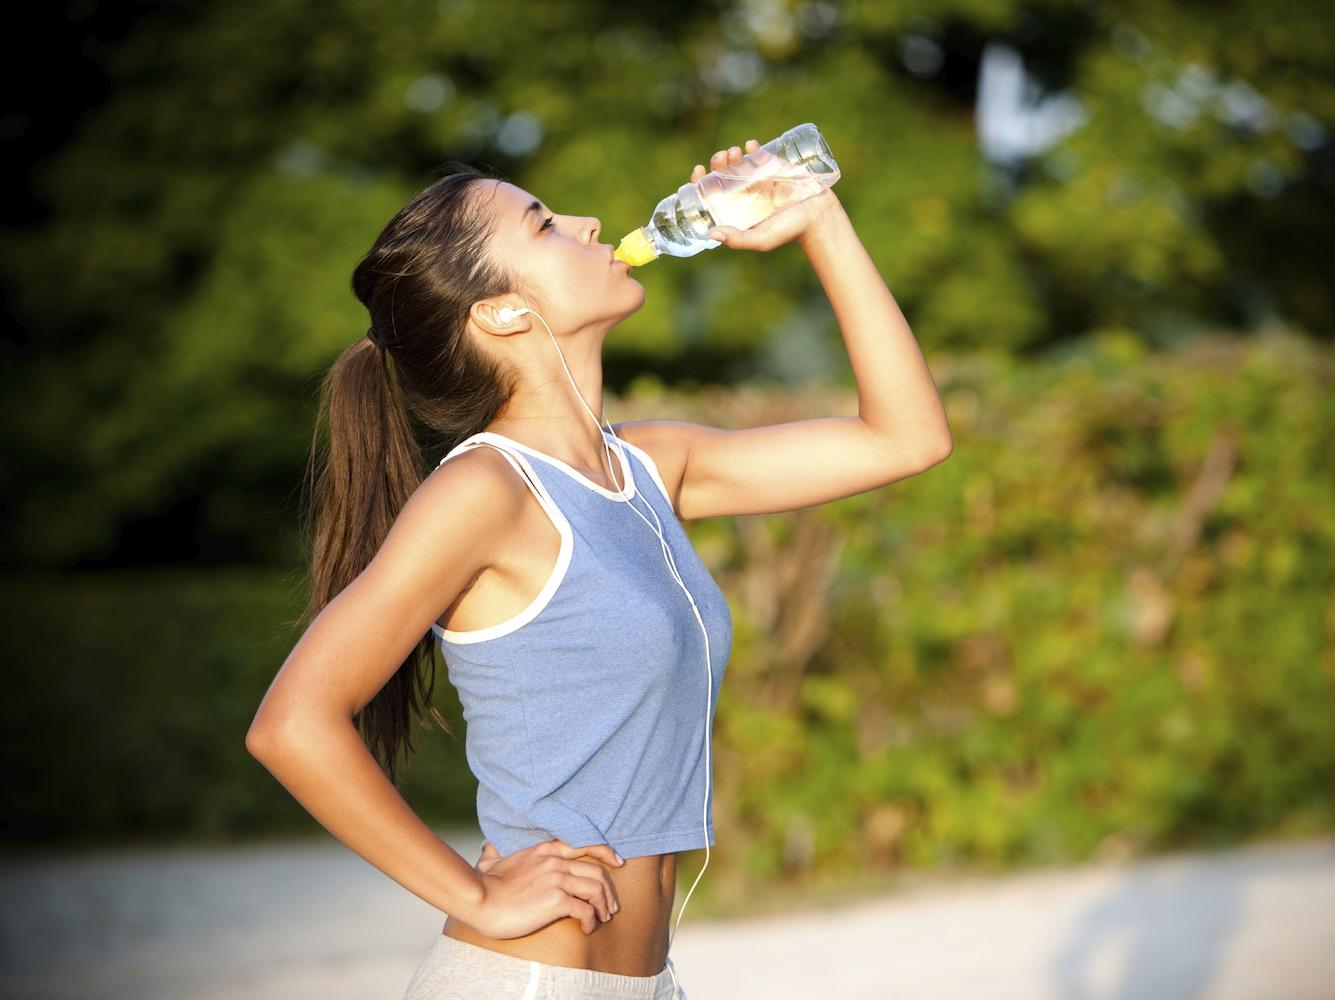 Spor Yaparken Suyu Az İçin